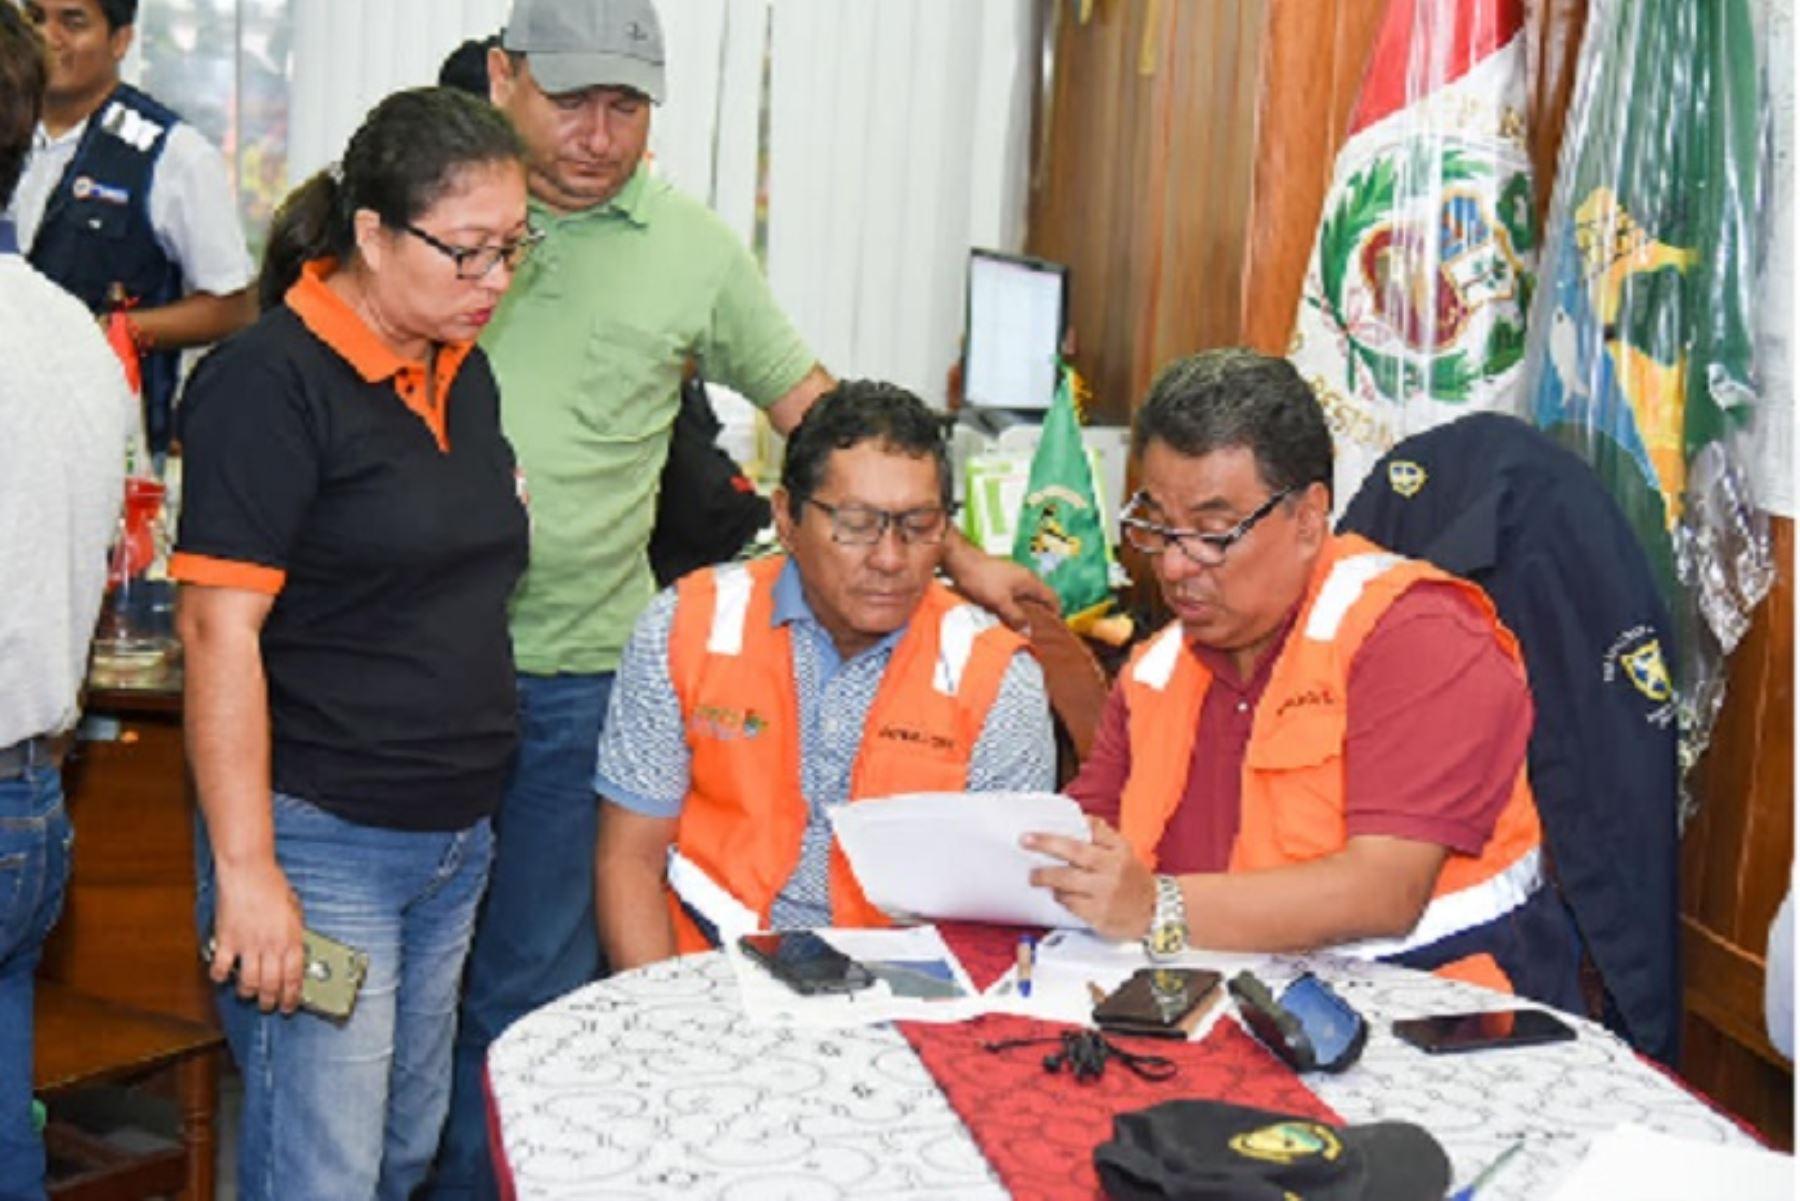 Ante el sismo de magnitud 7.5 registrado esta madrugada en Loreto y que causó zozobra en la población por su inusitada intensidad en dicha región, el gobierno regional hace un llamado a toda la ciudadanía para que mantenga la calma y la tranquilidad.